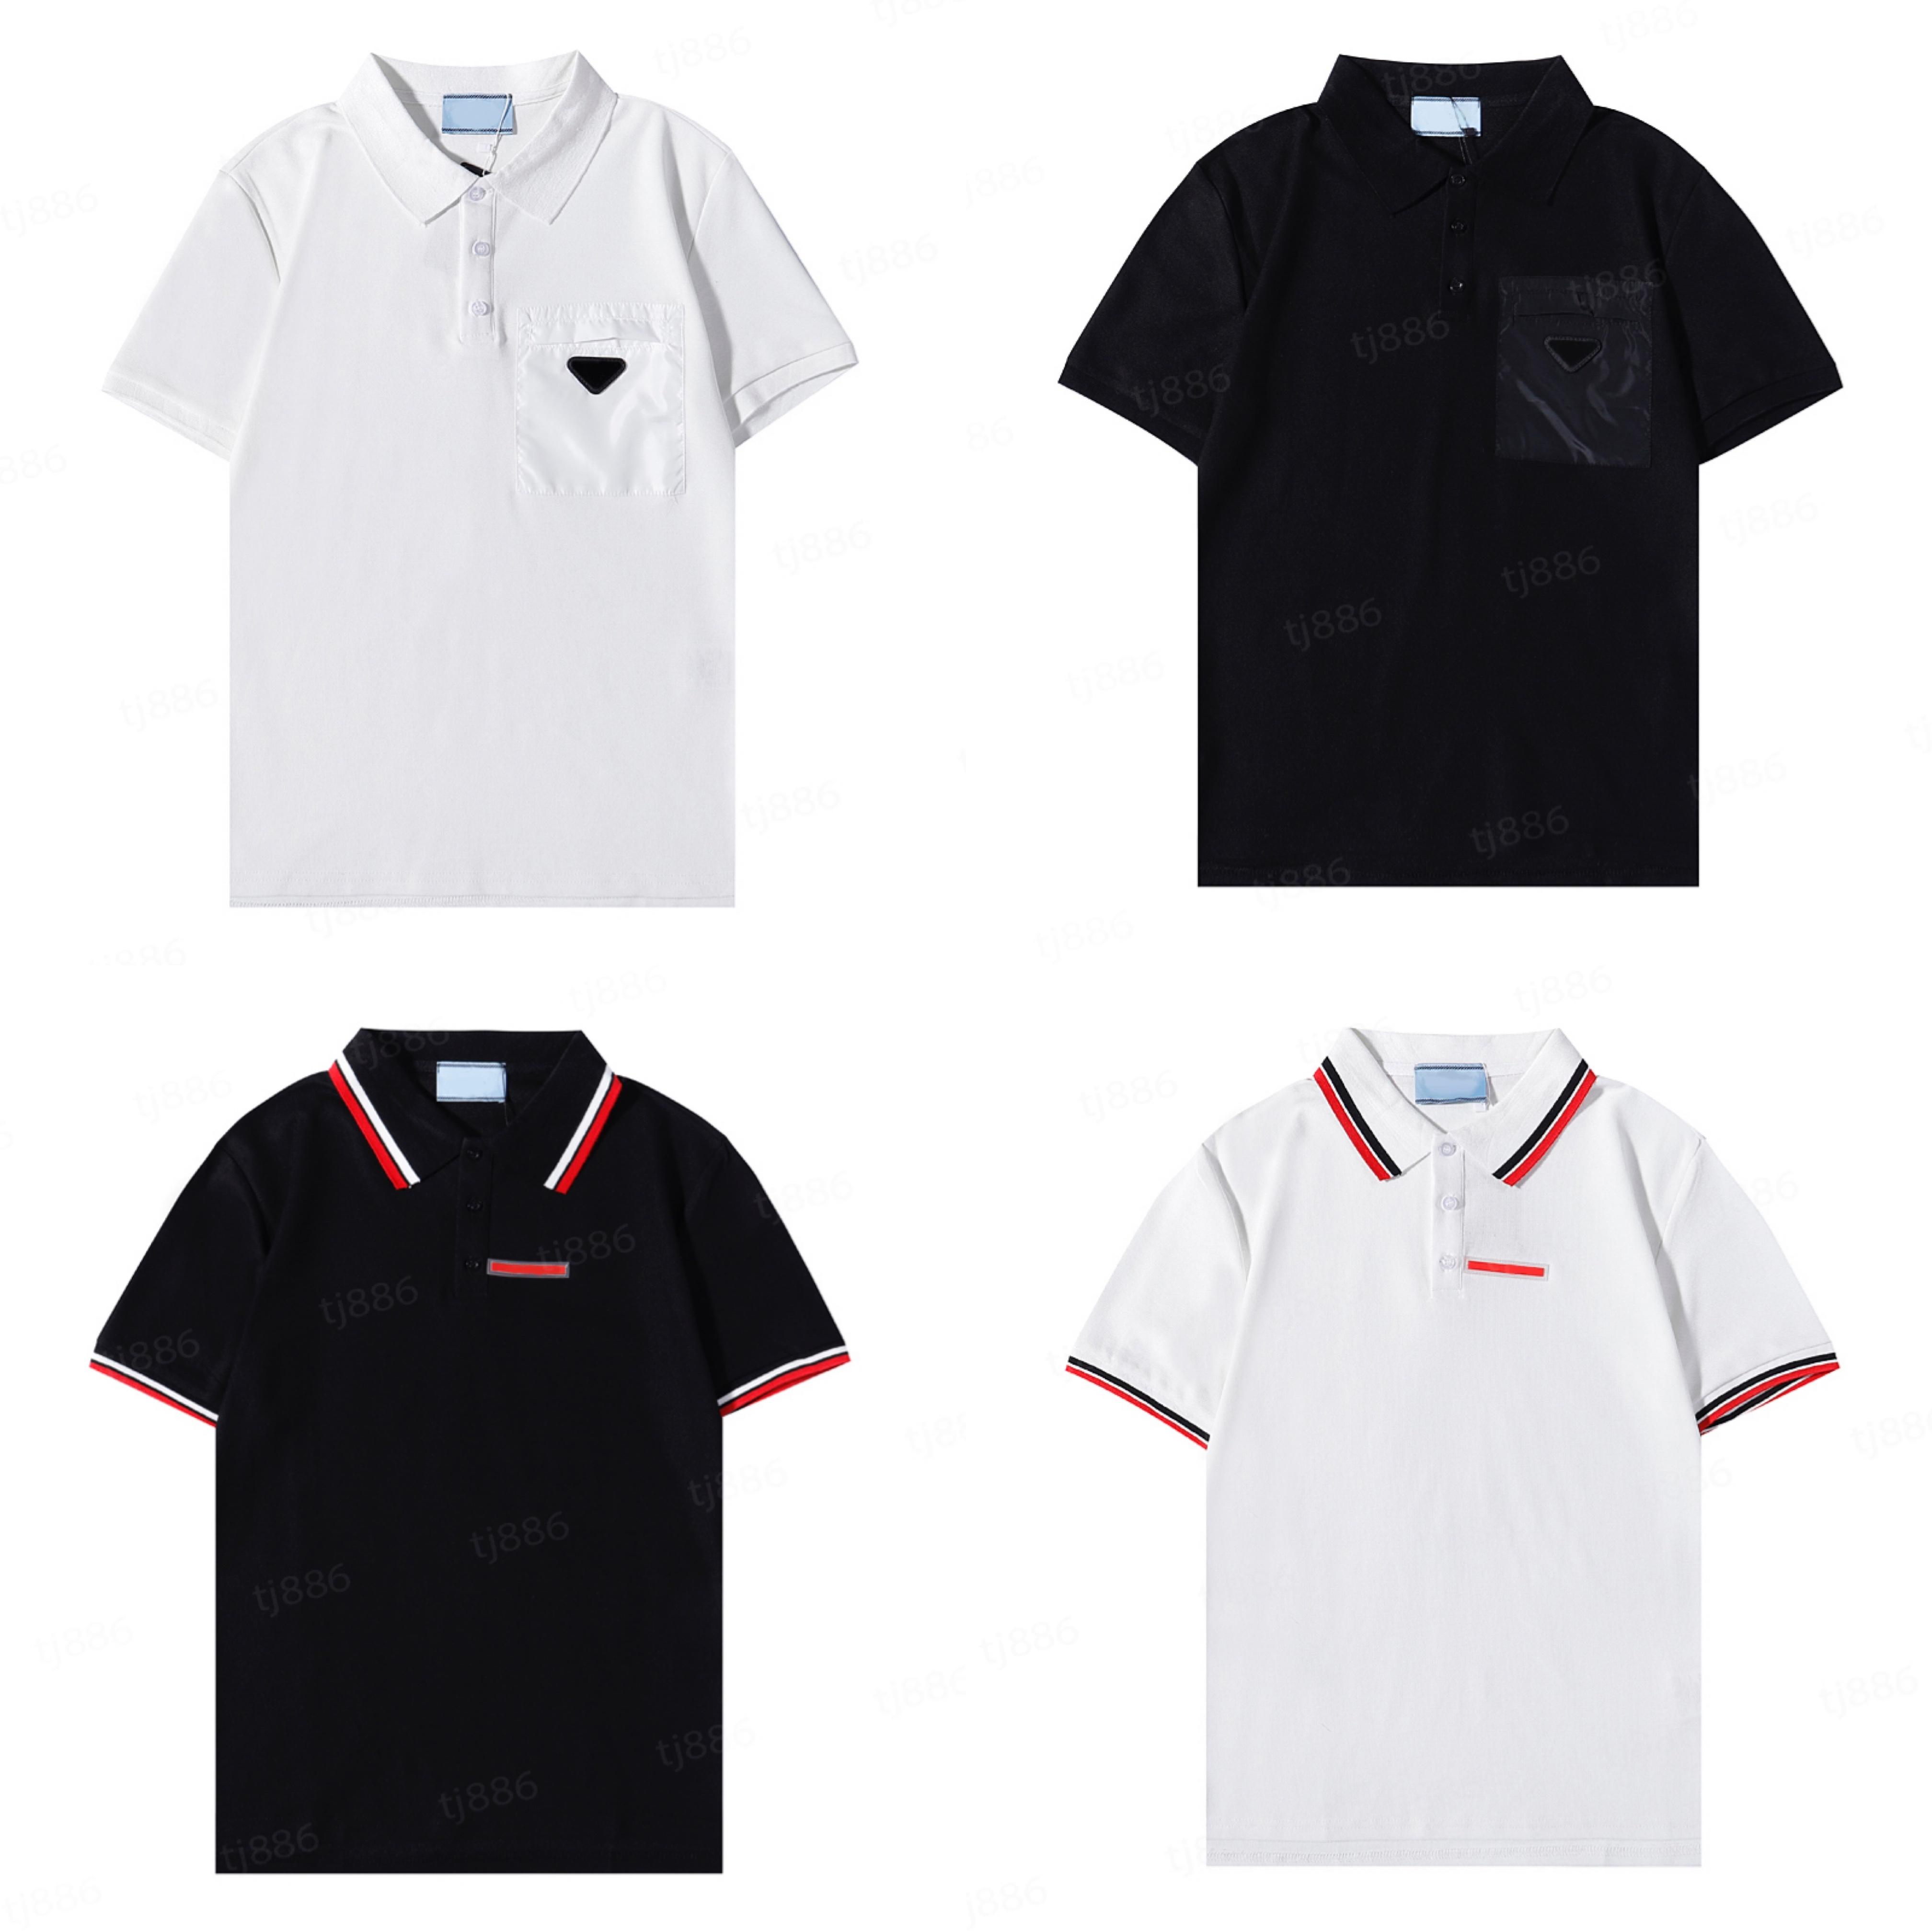 Camisa Polo de Alta Qualidade Classic Senior Sênior Casual Homme Mangas Curtas T - shirts Mens Algodão Confortável Tendência Verão 2021